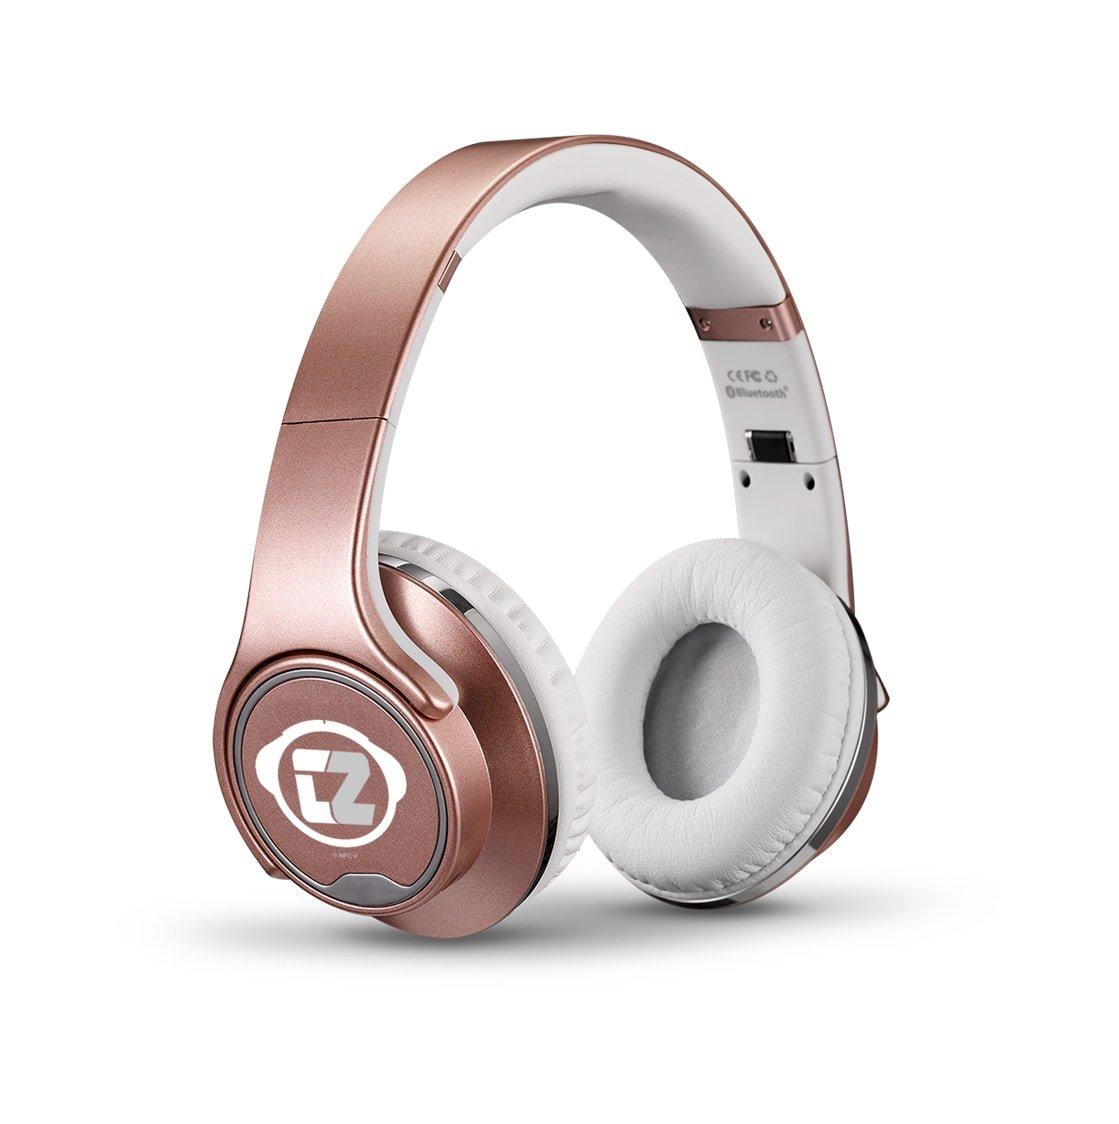 Auricular Bluetooth con función Altavoz CZ1 de Craziest Rosa: Amazon.es: Electrónica